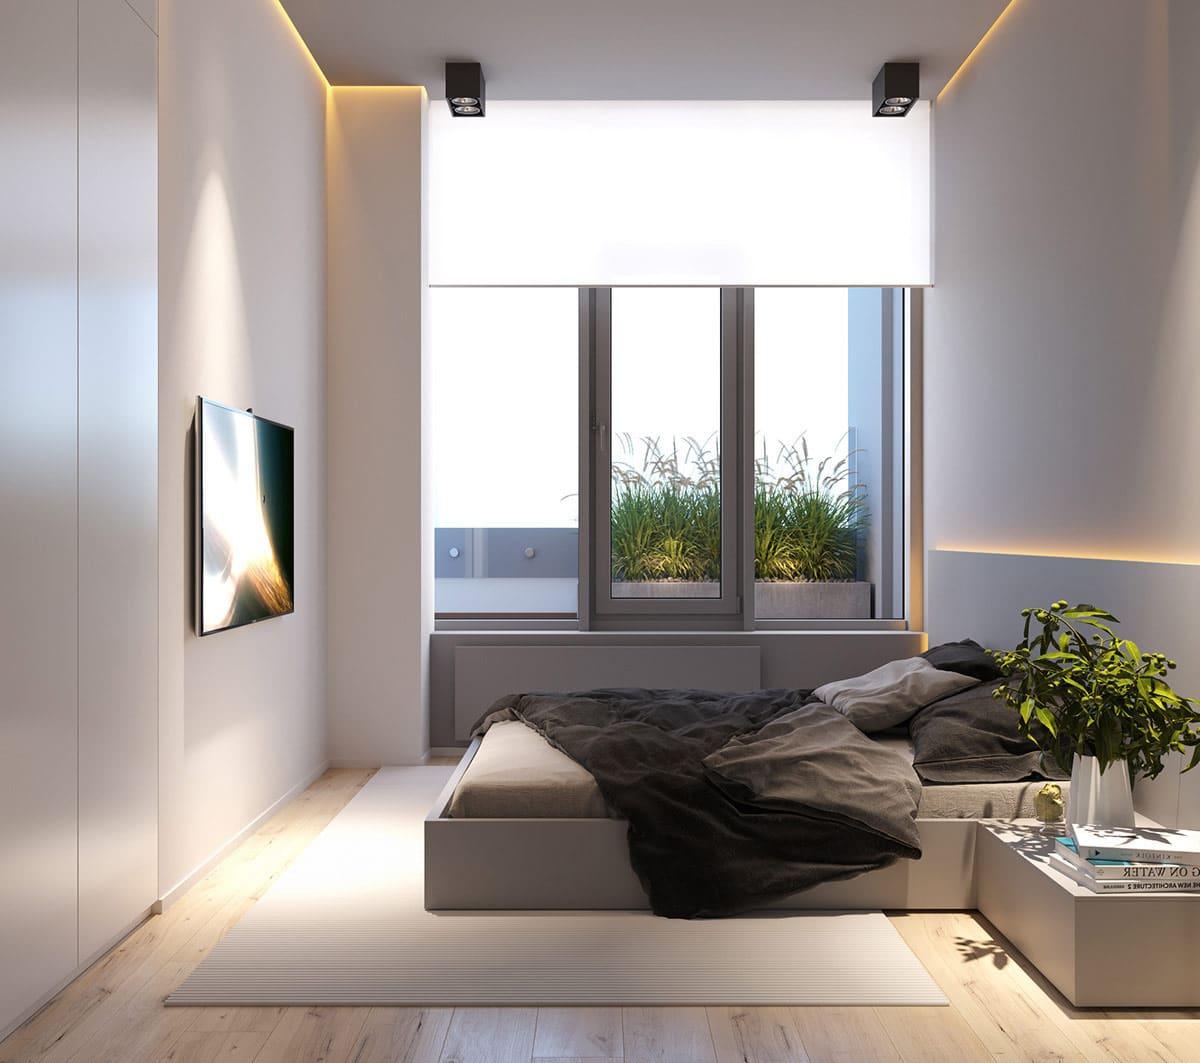 L'éclairage LED dissimulé dans la chambre à coucher s'accorde bien avec le style minimaliste.